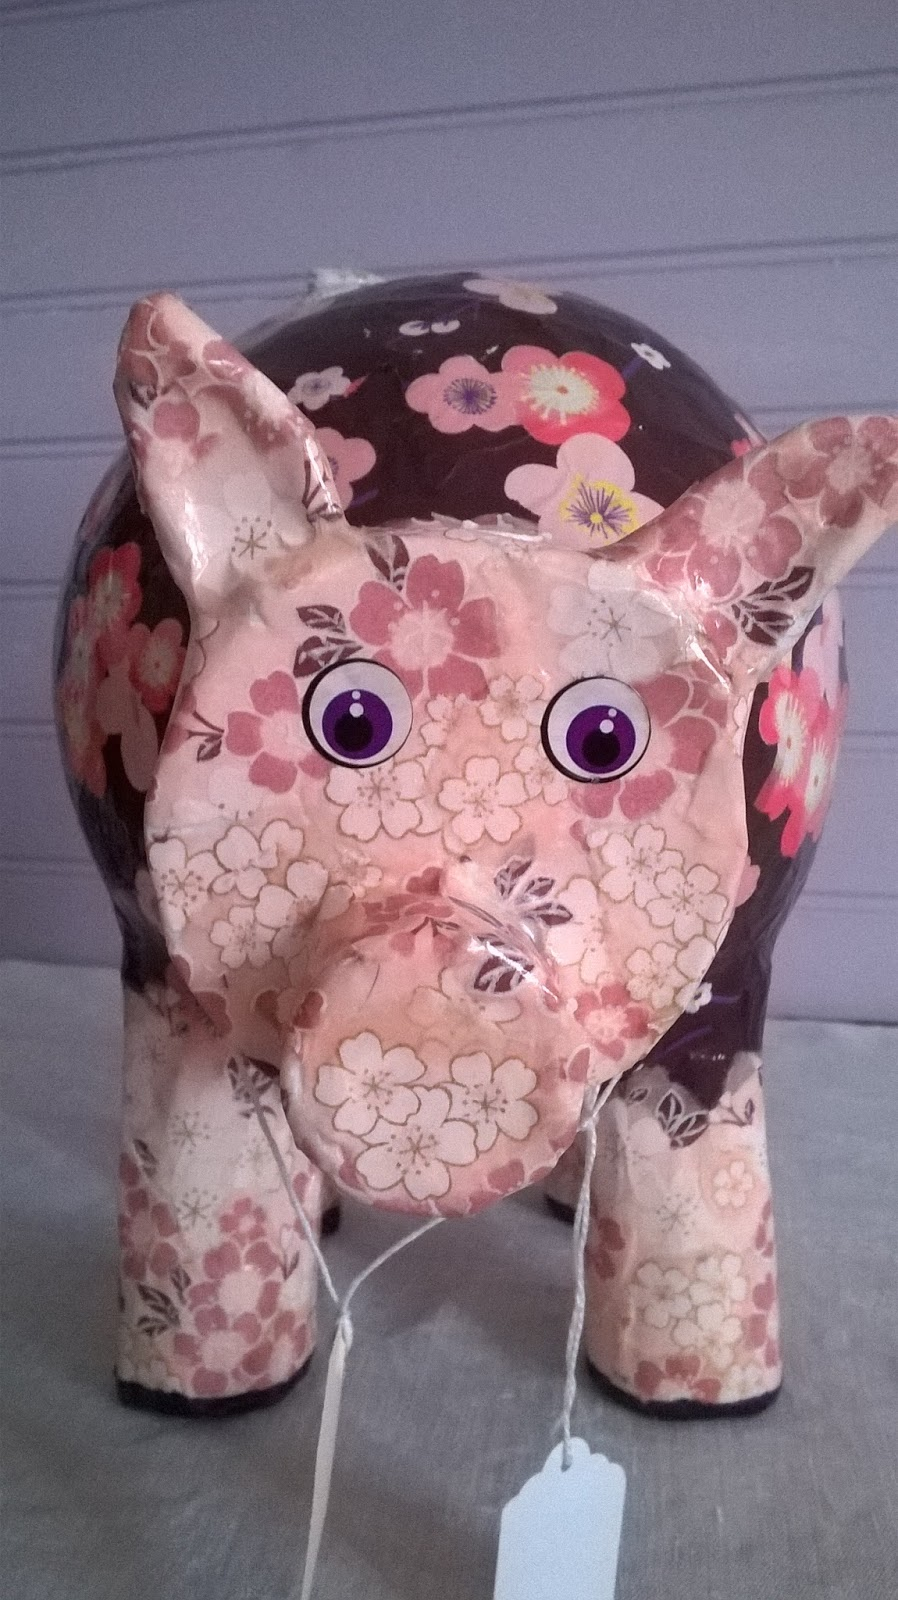 Pierre feuilles ciseaux un petit cochon pendu au plafond - Petit cochon pendu au plafond ...